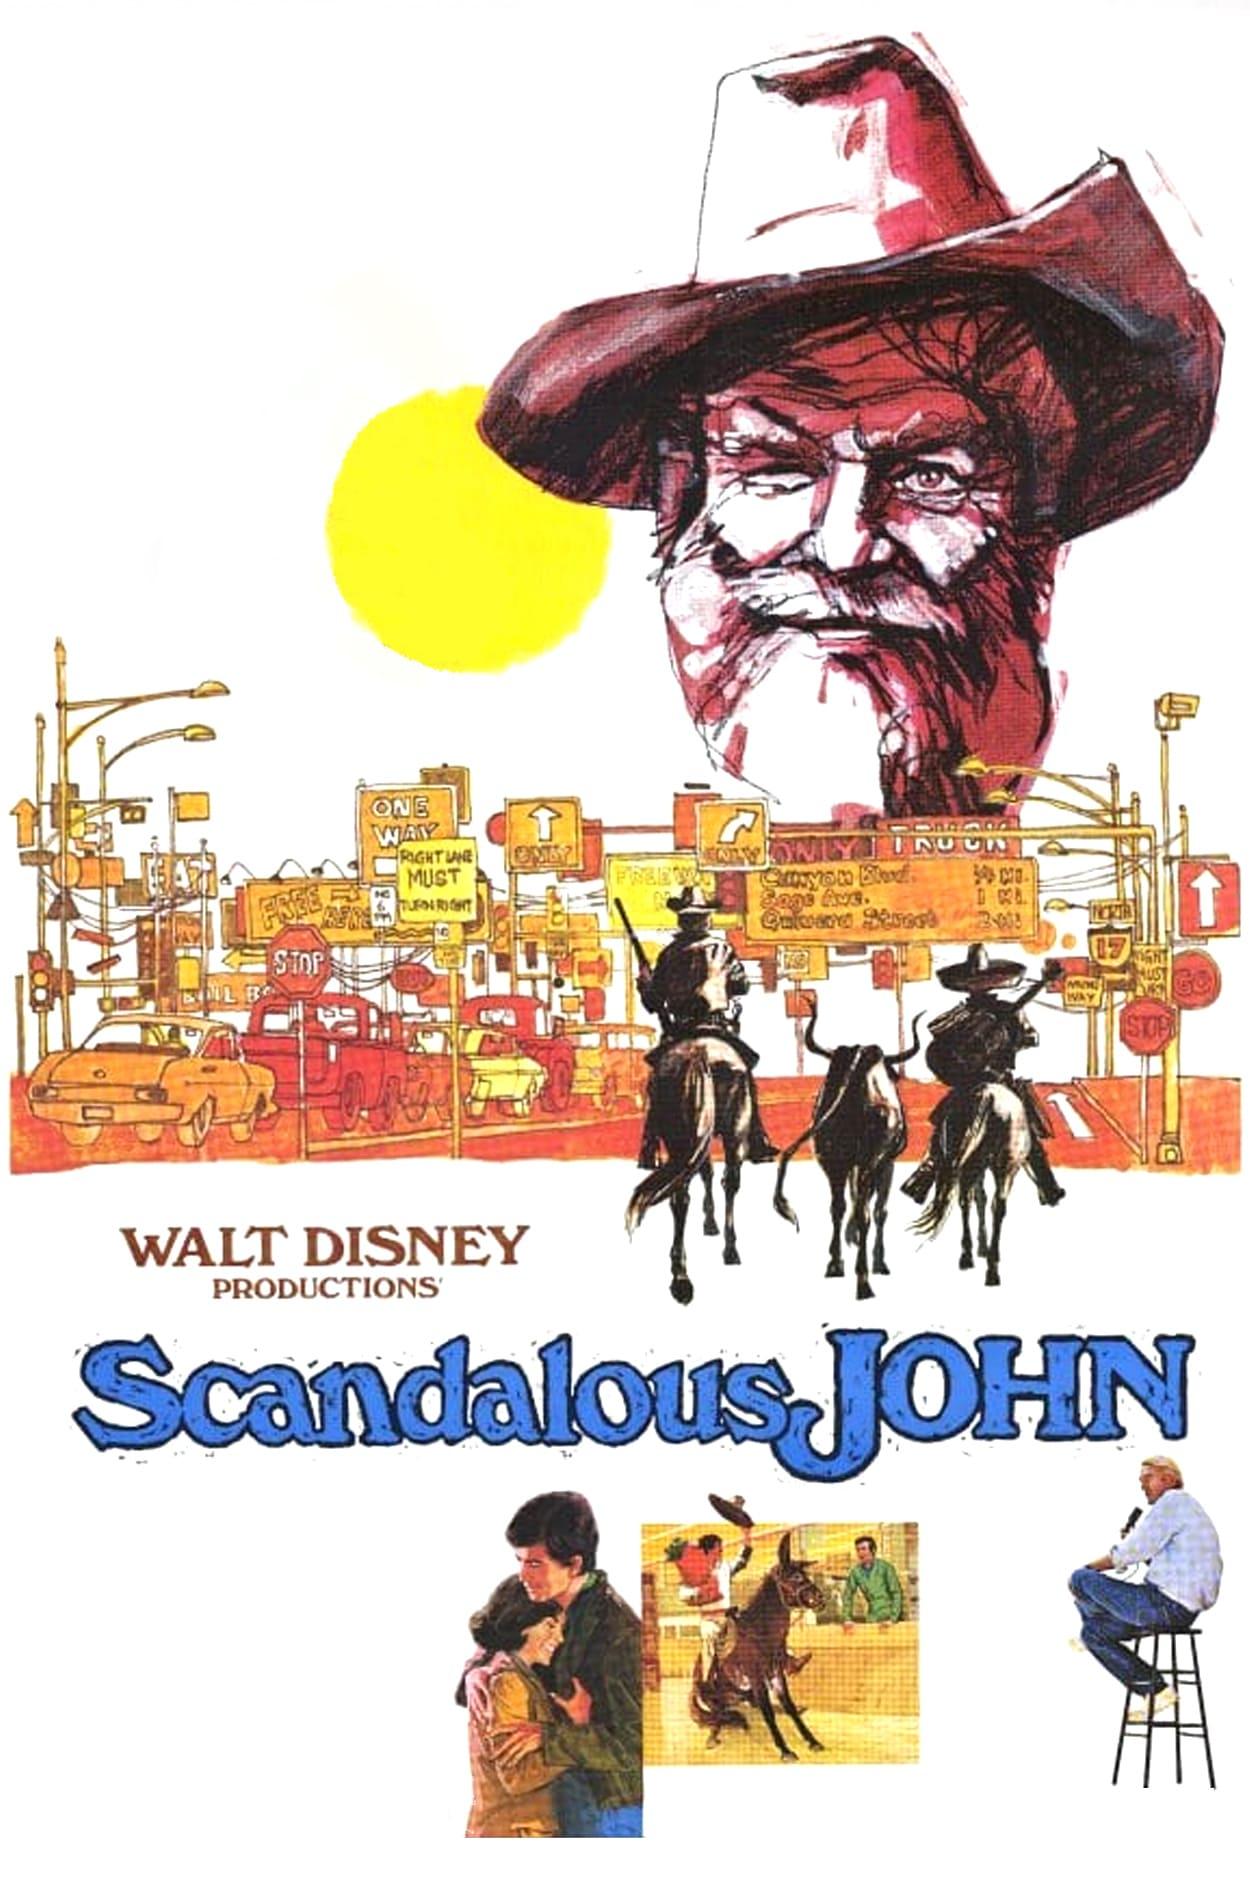 Scandalous John